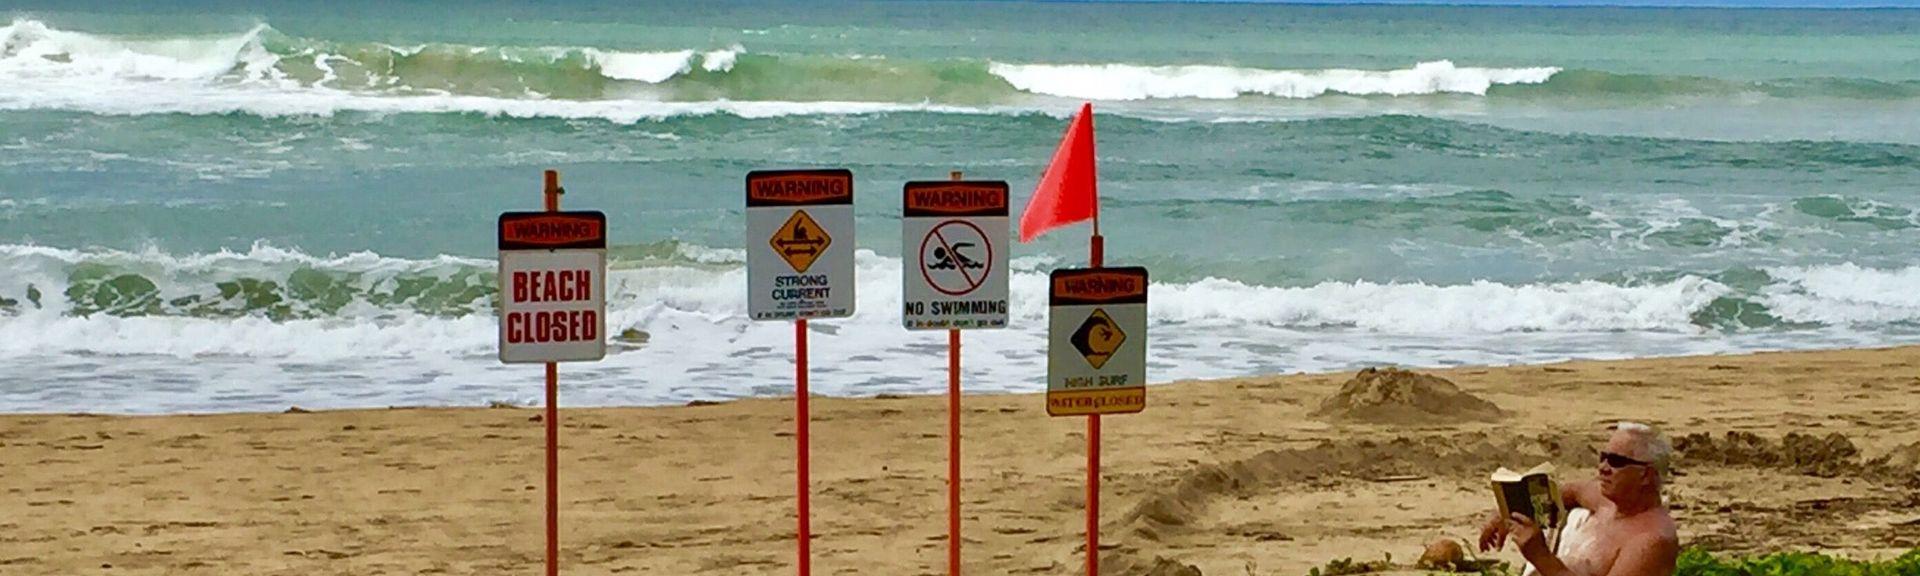 Parque de la playa de Hanalei, Hanalei, Hawái, Estados Unidos